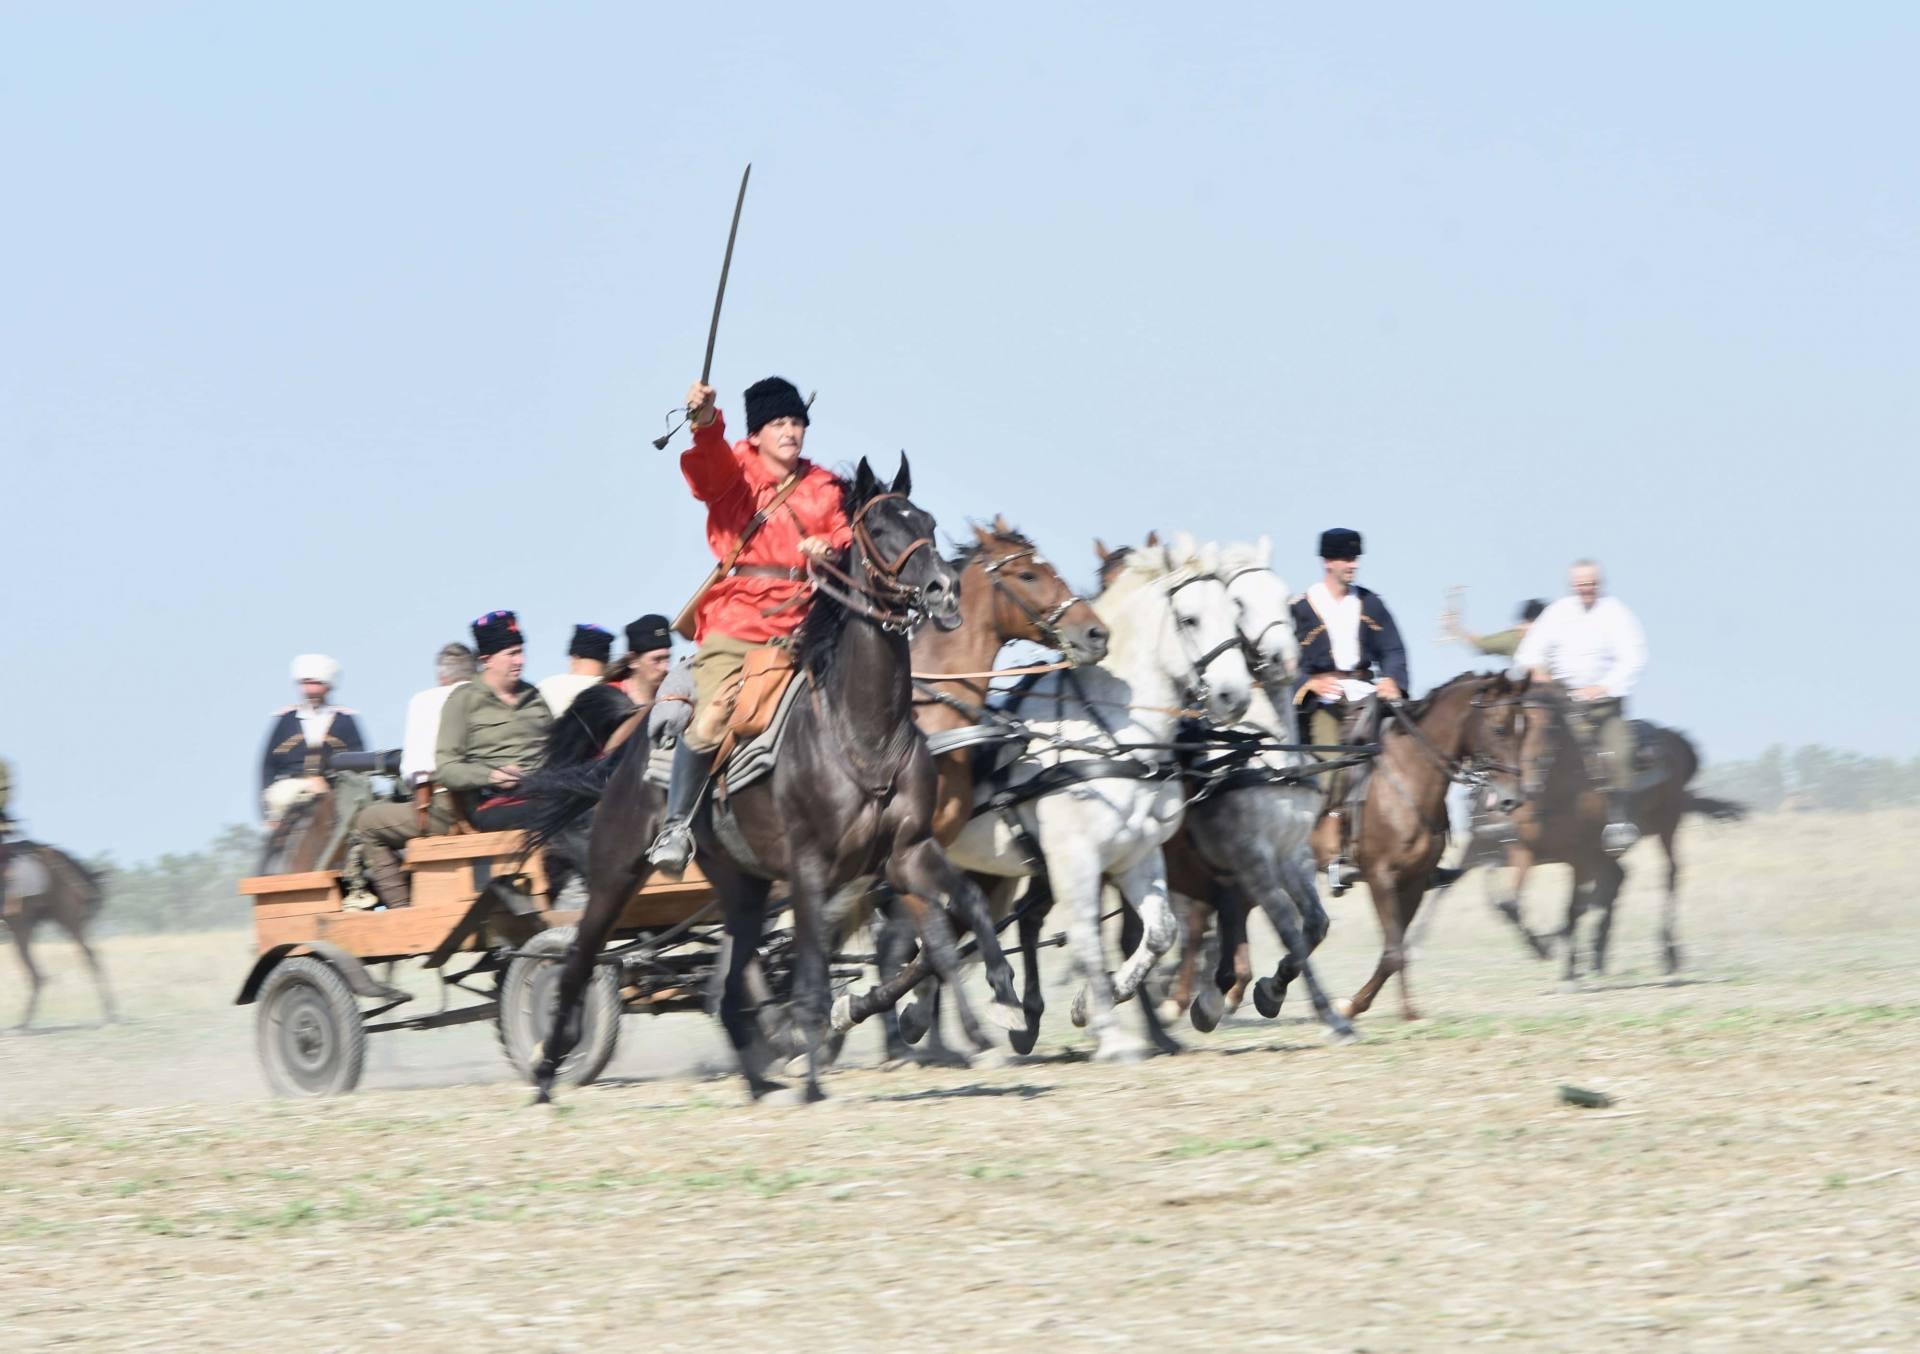 dsc 0889 Czas szabli - 100 rocznica bitwy pod Komarowem(zdjęcia)